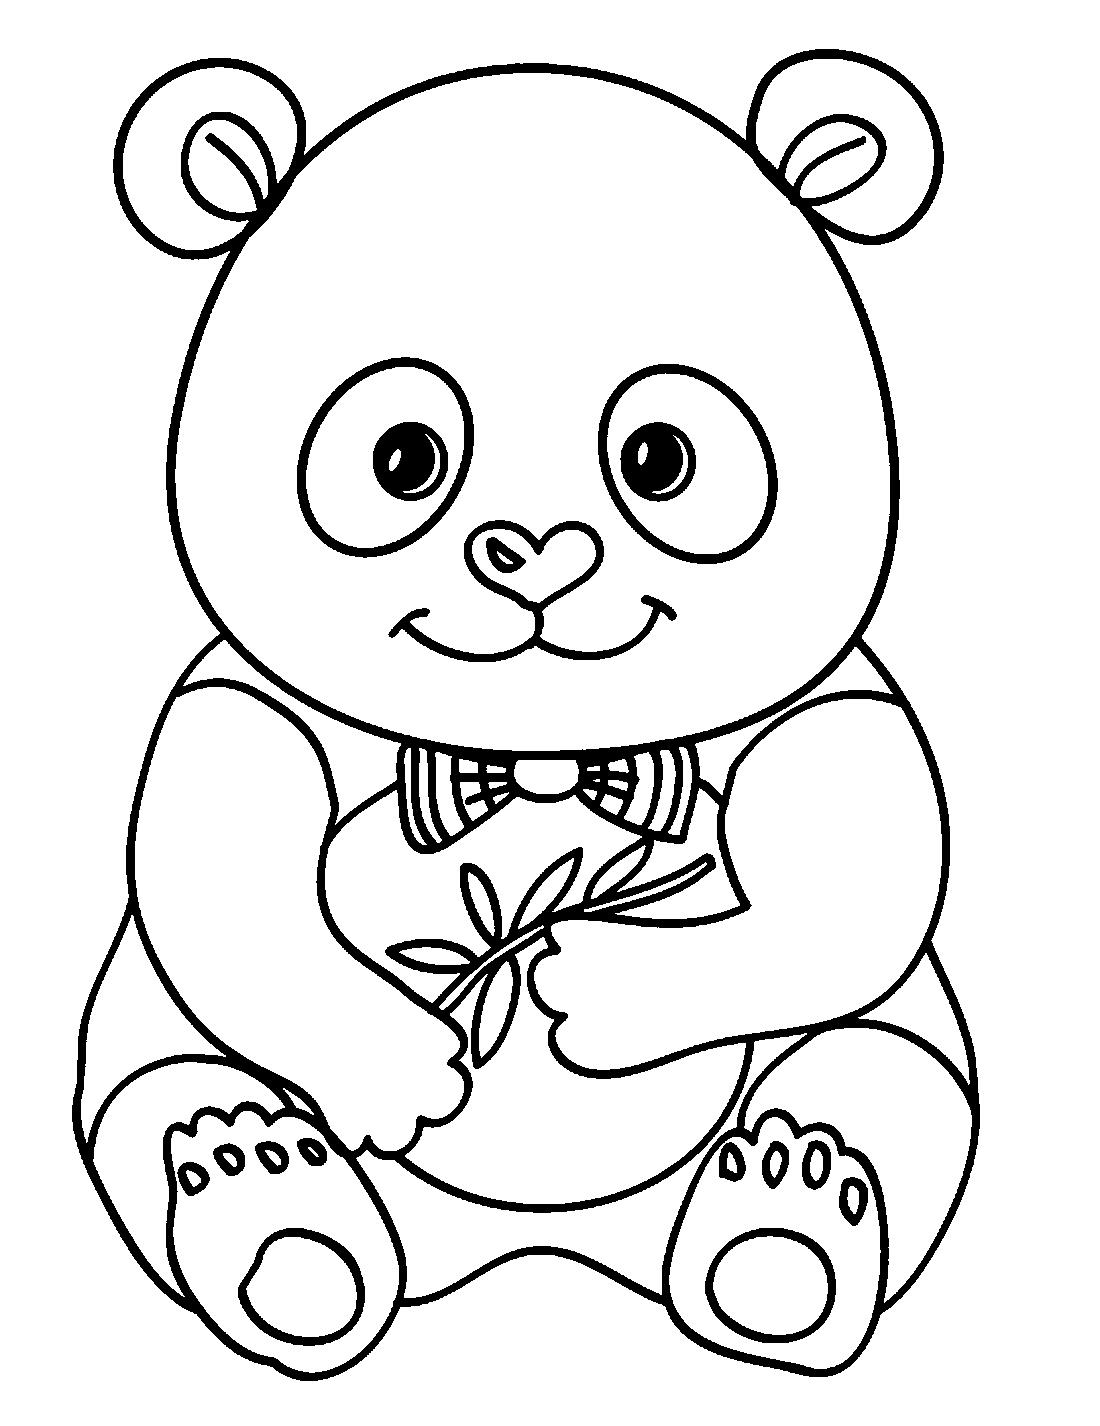 Маленькая панда раскраска